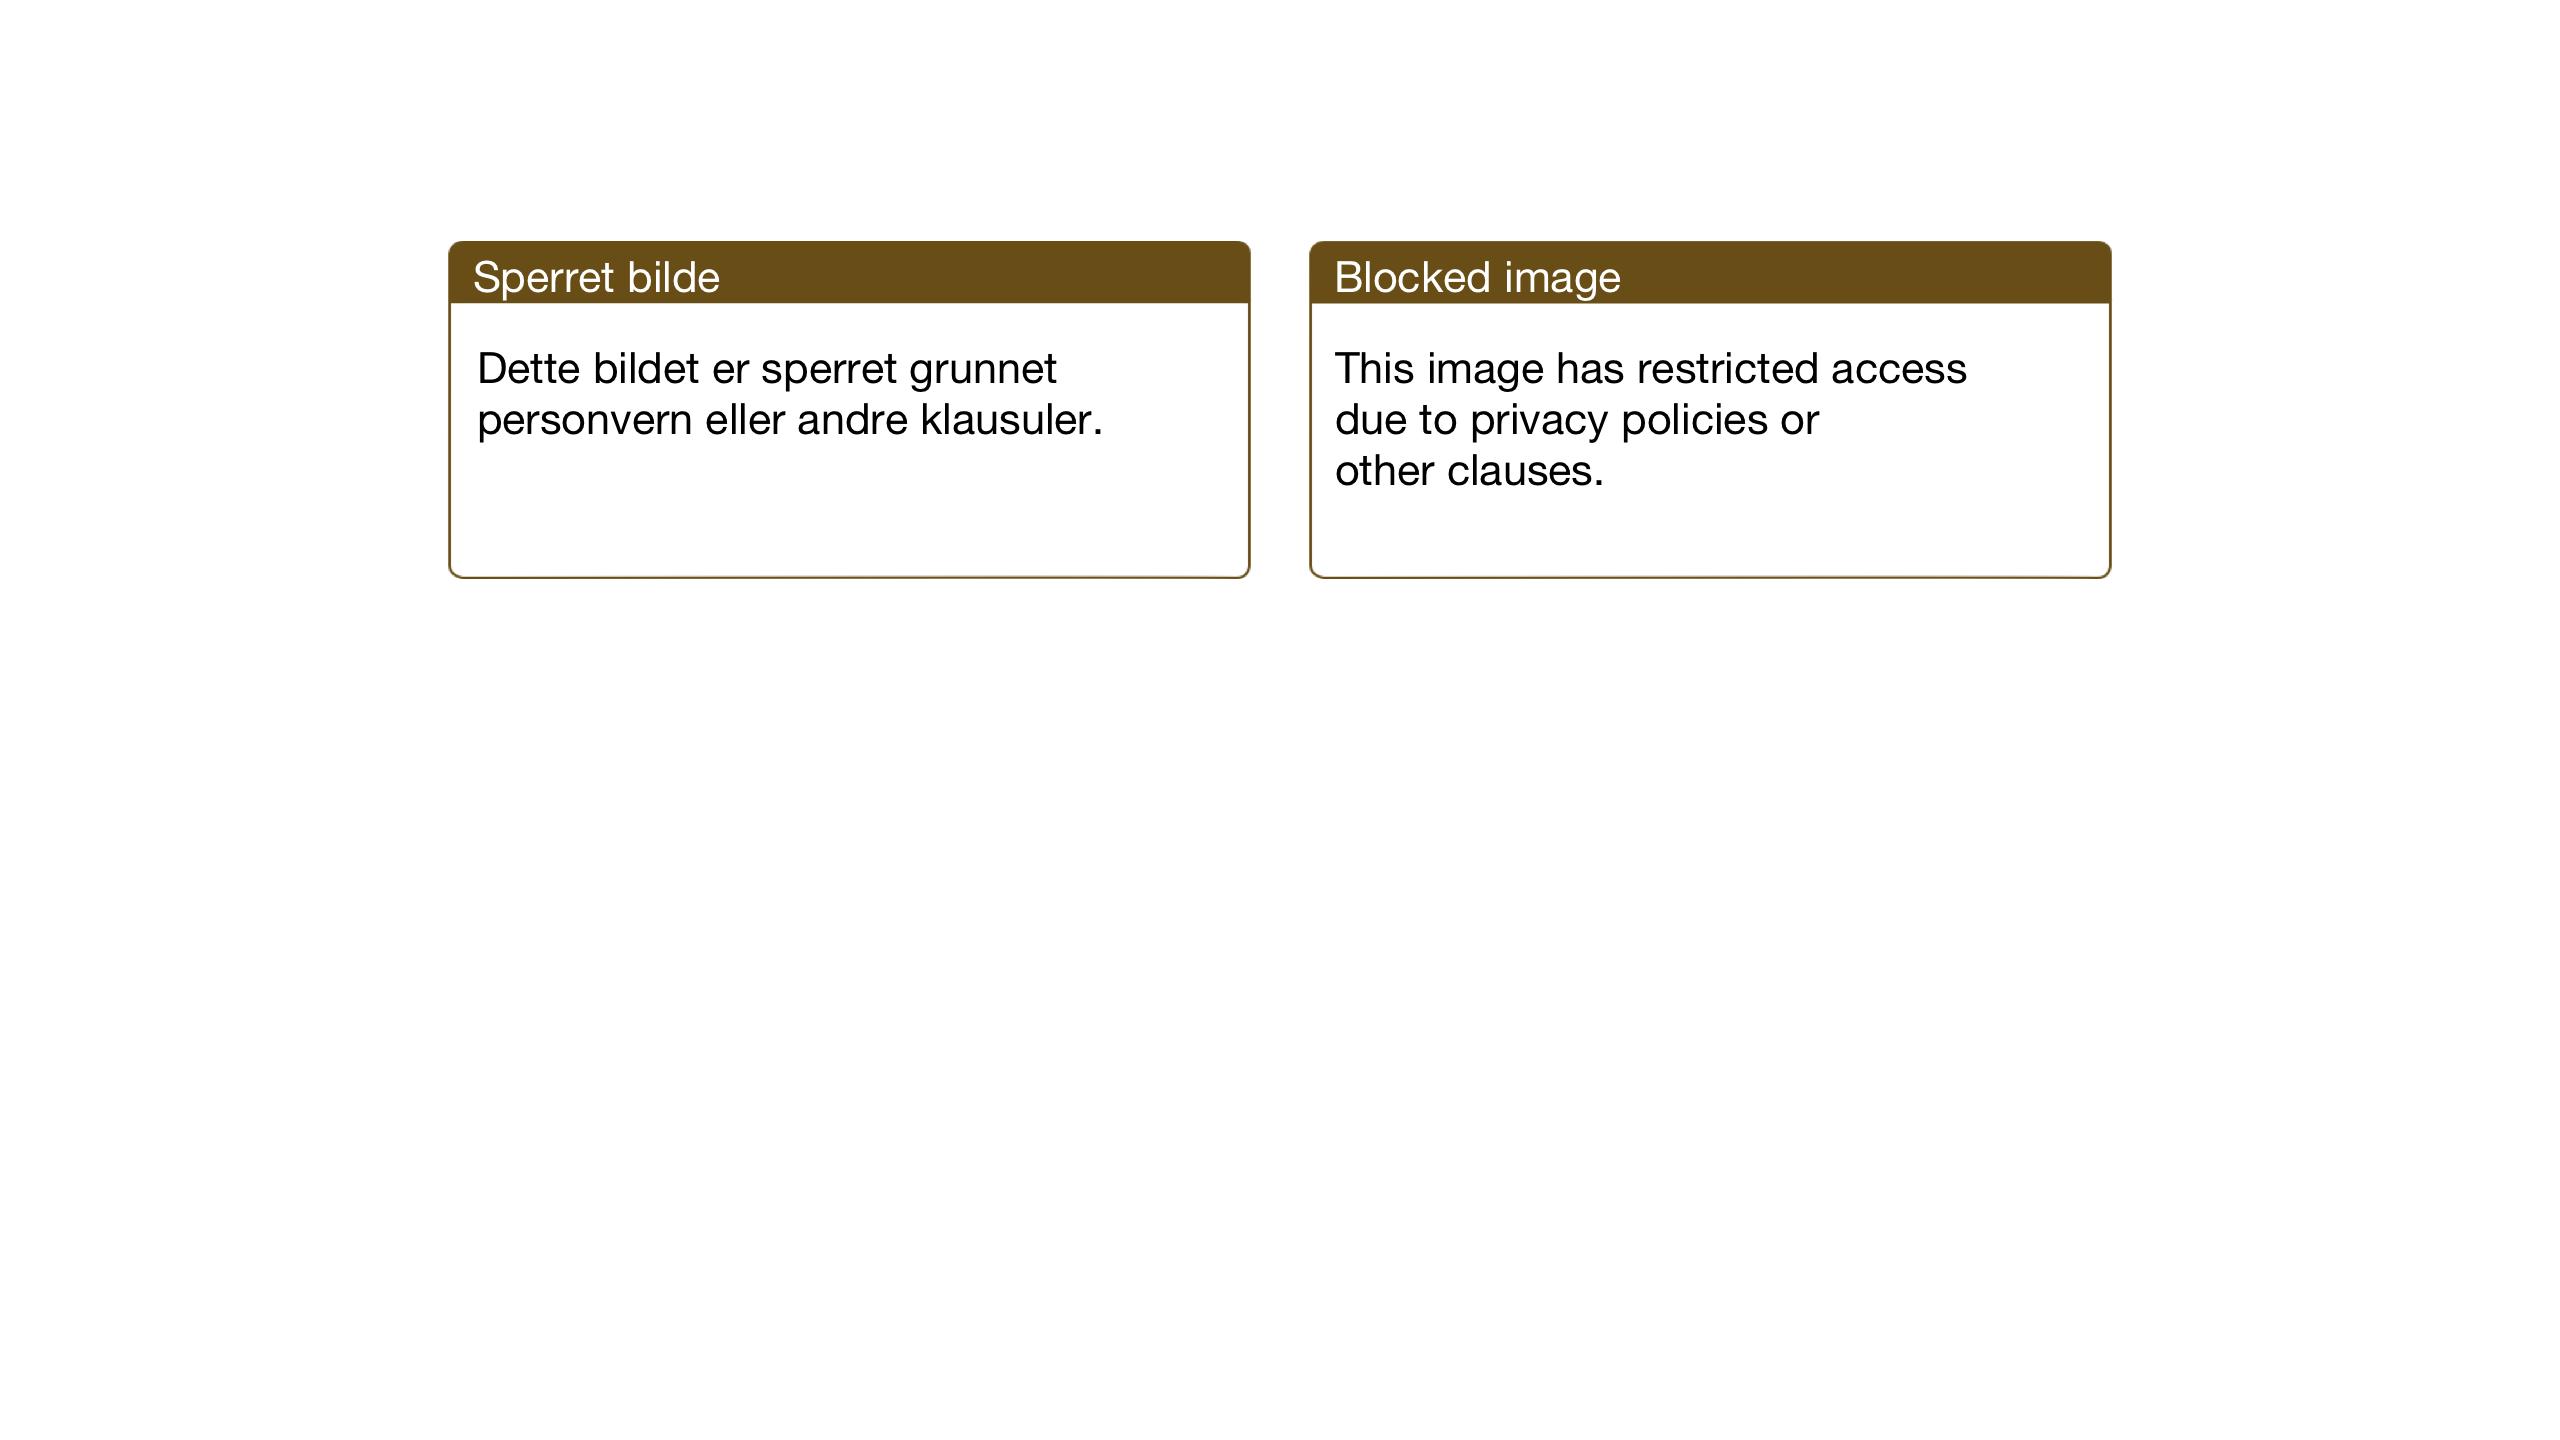 SAT, Ministerialprotokoller, klokkerbøker og fødselsregistre - Sør-Trøndelag, 690/L1053: Klokkerbok nr. 690C03, 1930-1947, s. 4